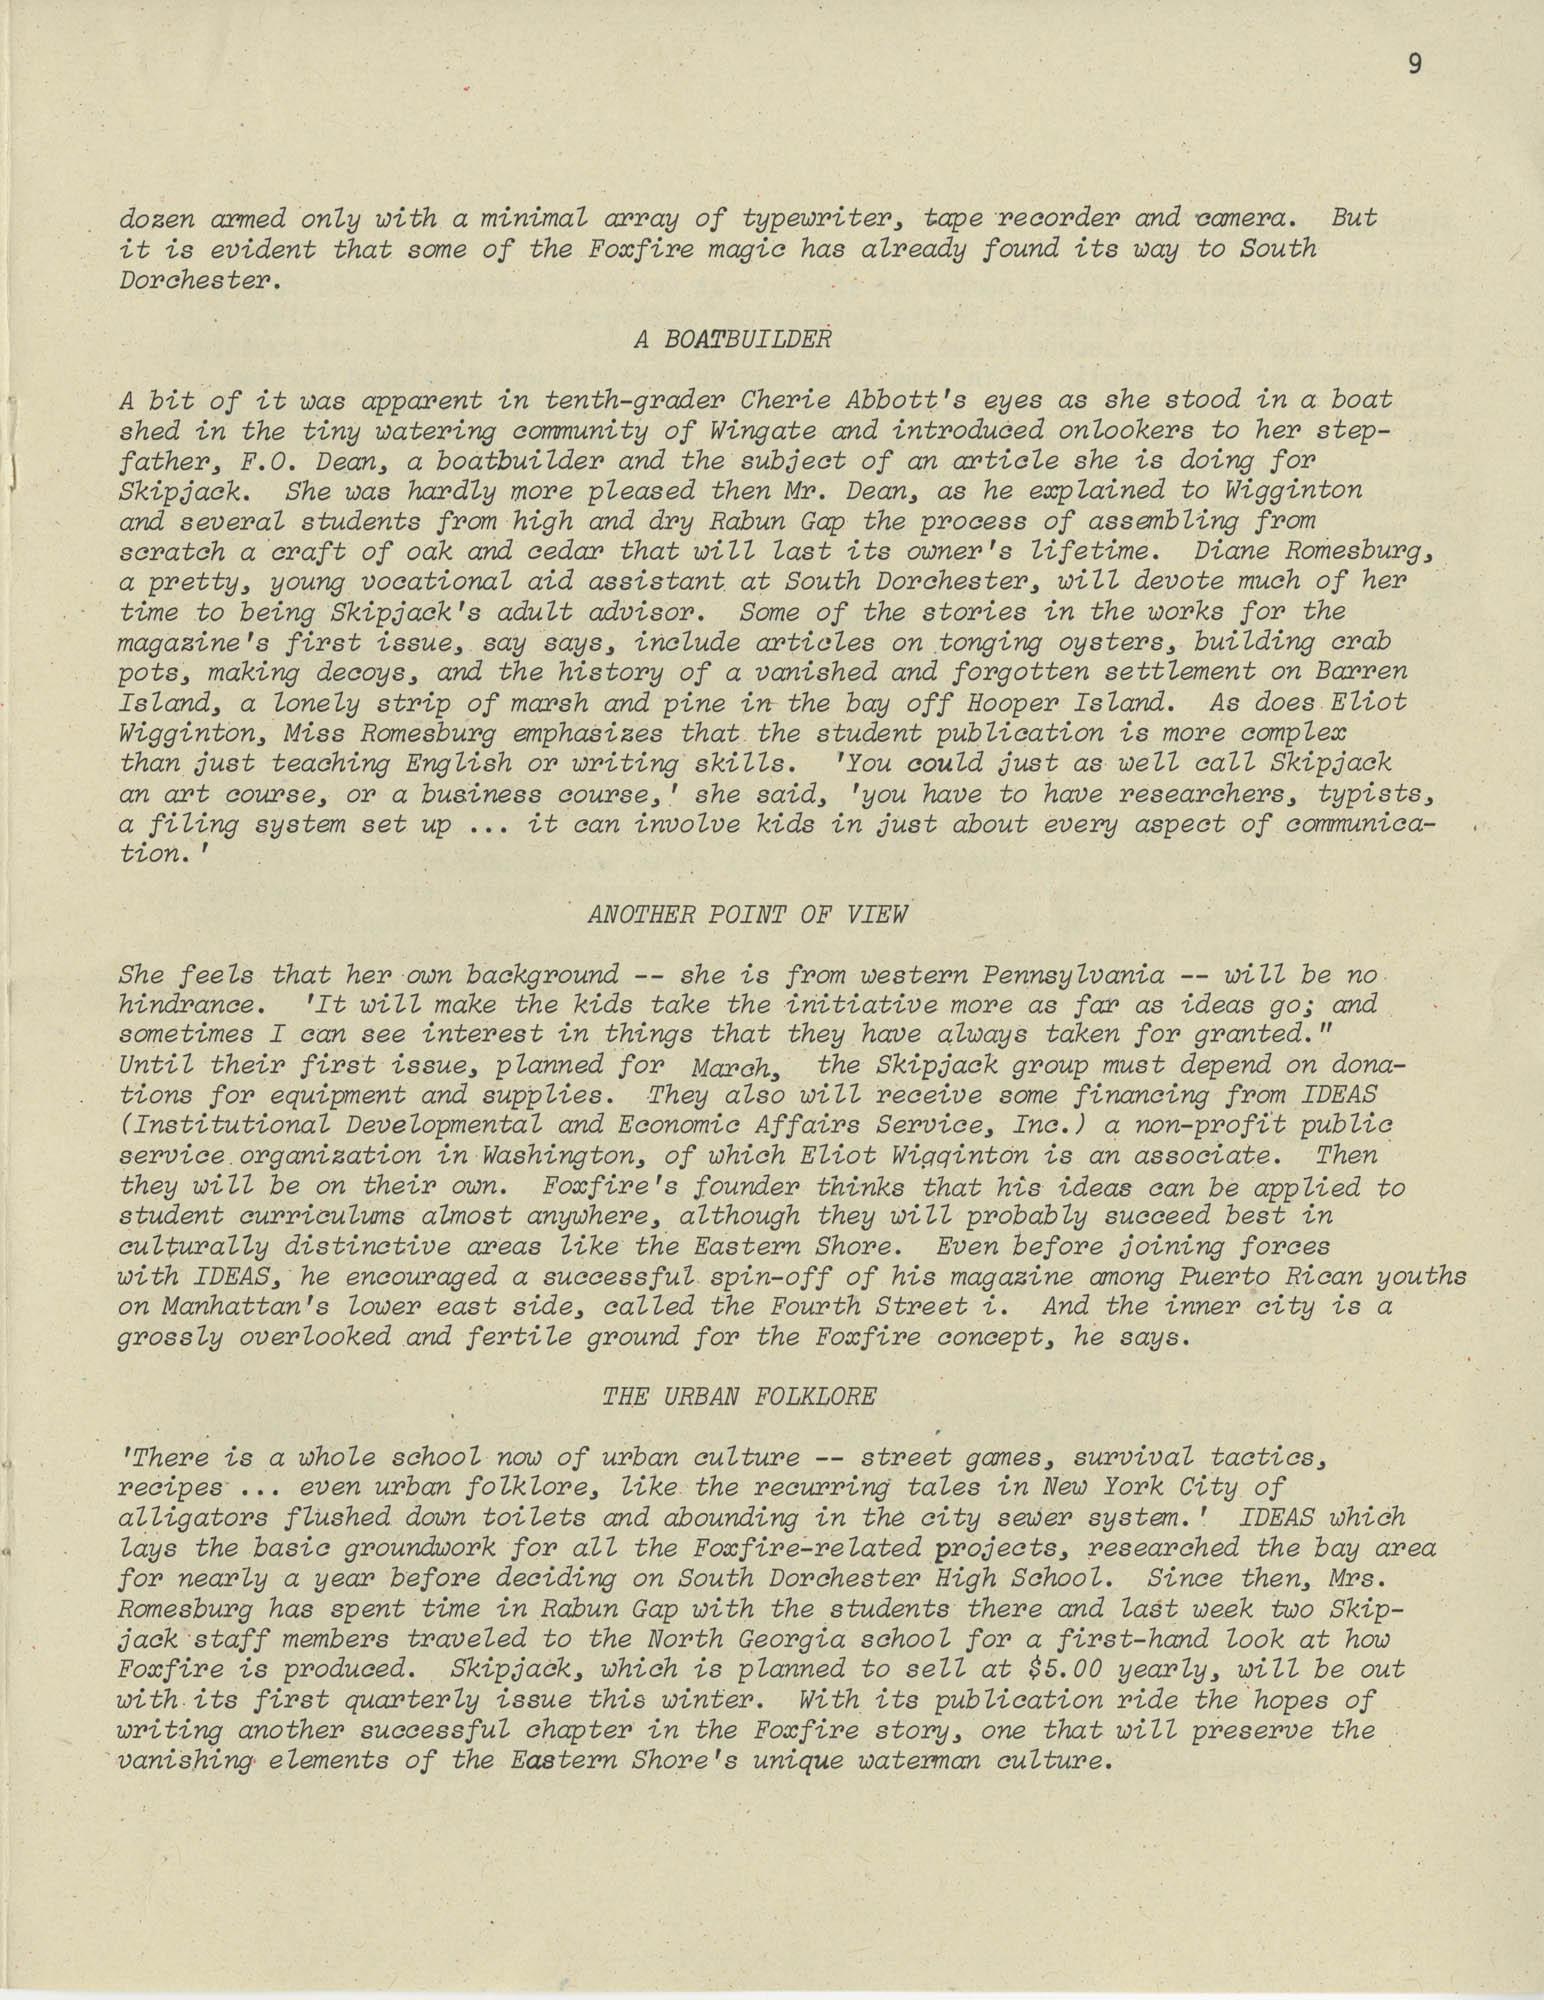 Exchange, Vol. 1, No. 1, Page 9